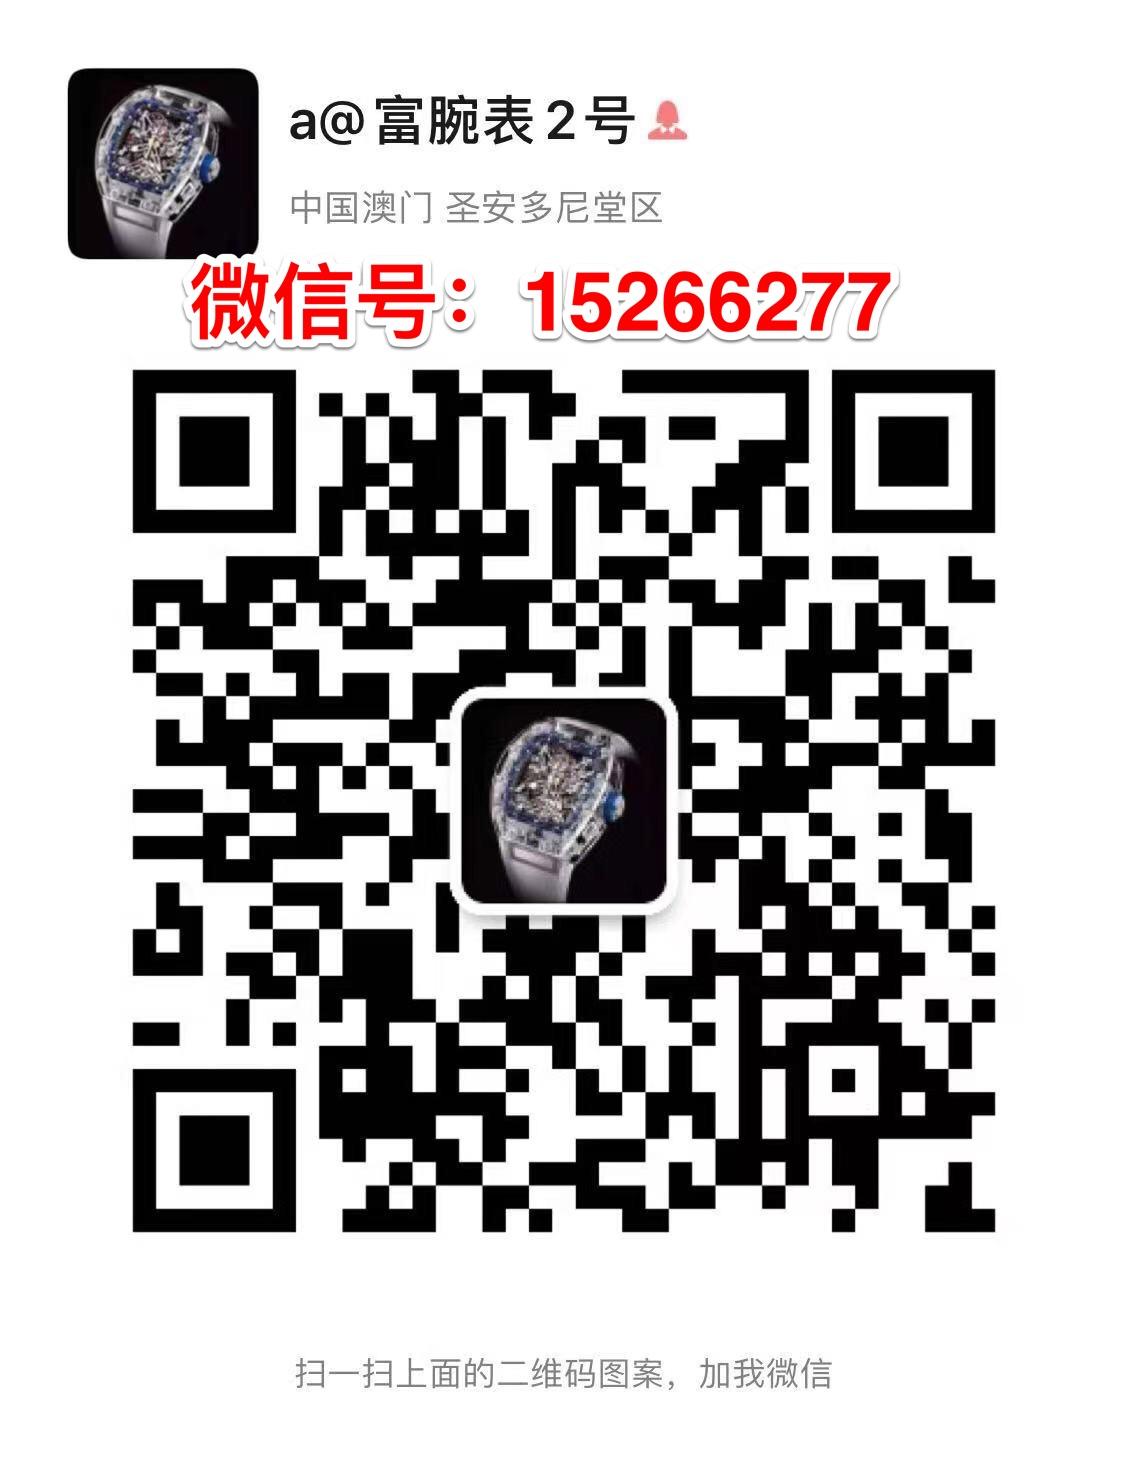 1632623975589407.jpg